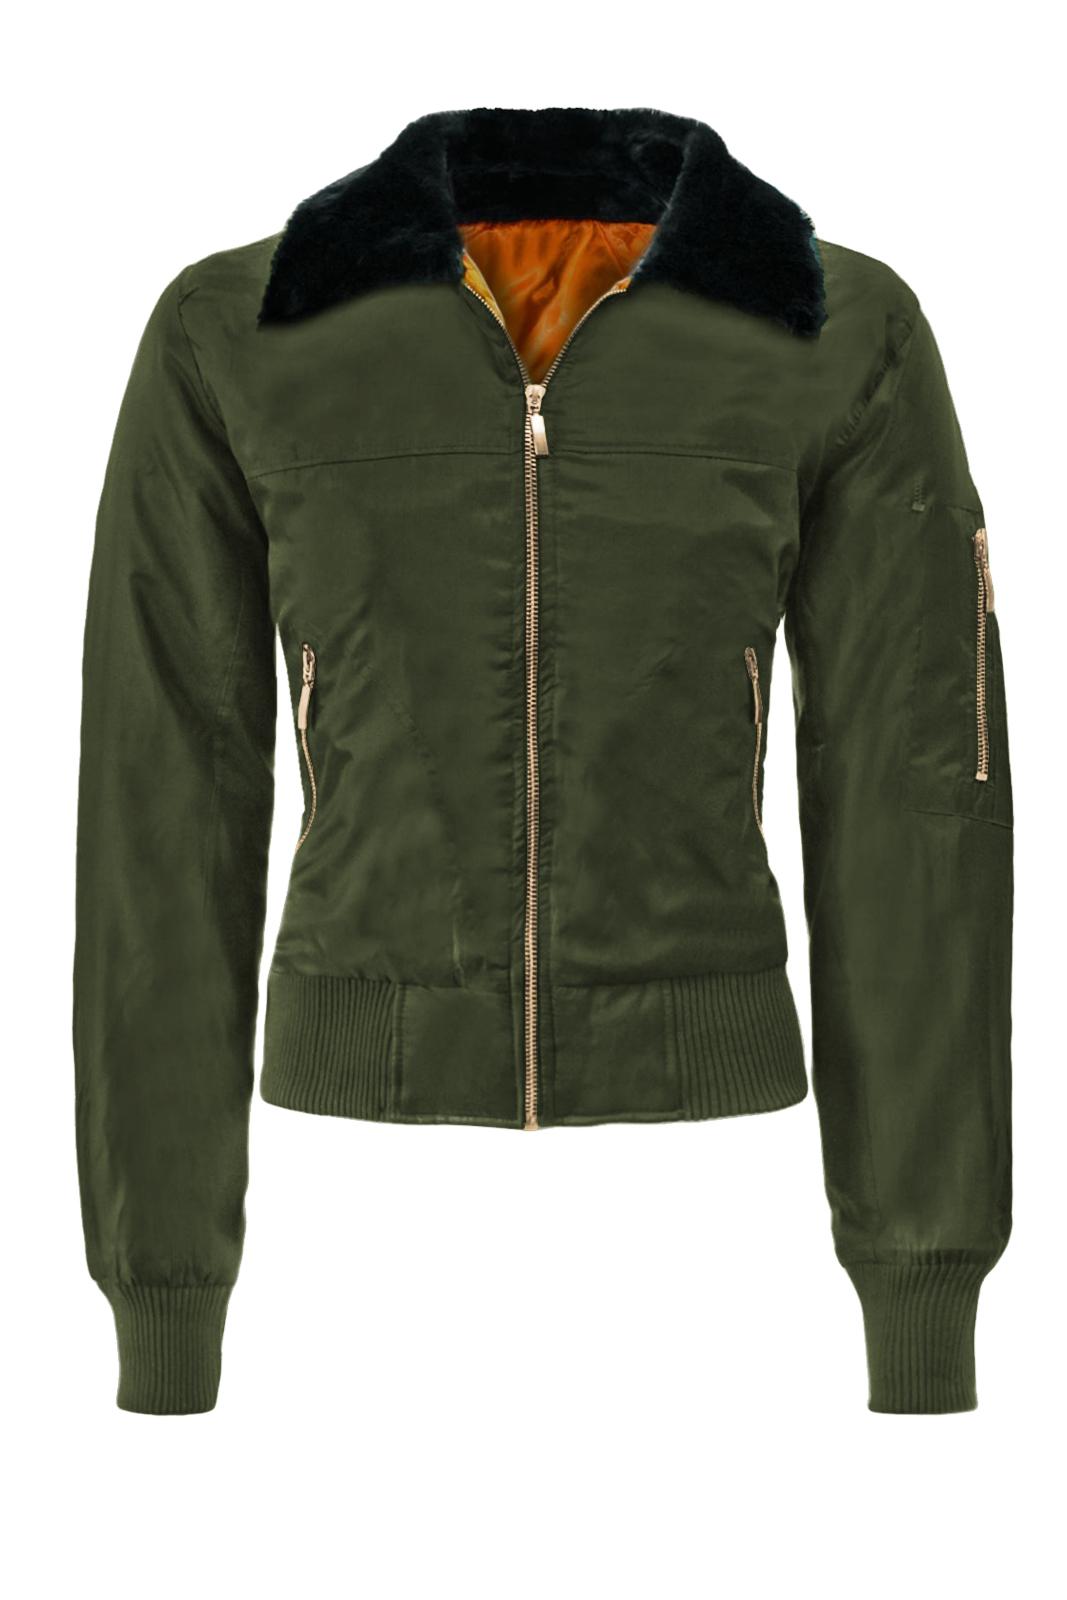 Womens-Vintage-MA1-Bomber-Jacket-Classic-Zip-up-Biker-Jacket-Stylish-Padded-Coat